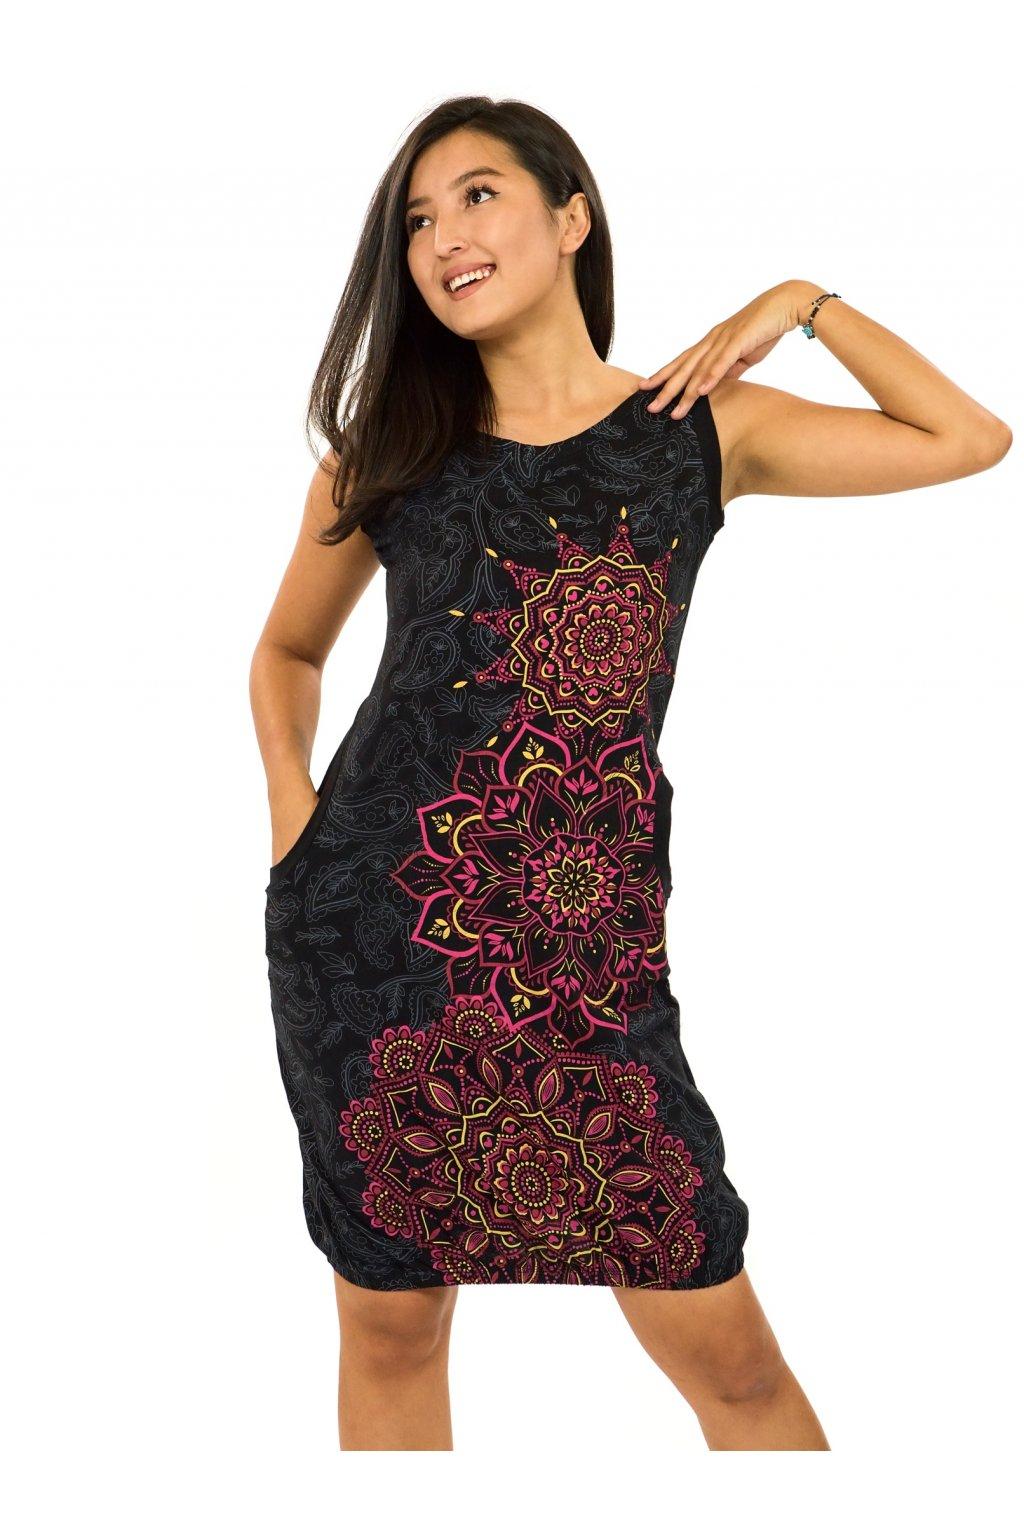 Balonové šaty Lhasa - černá s růžovou